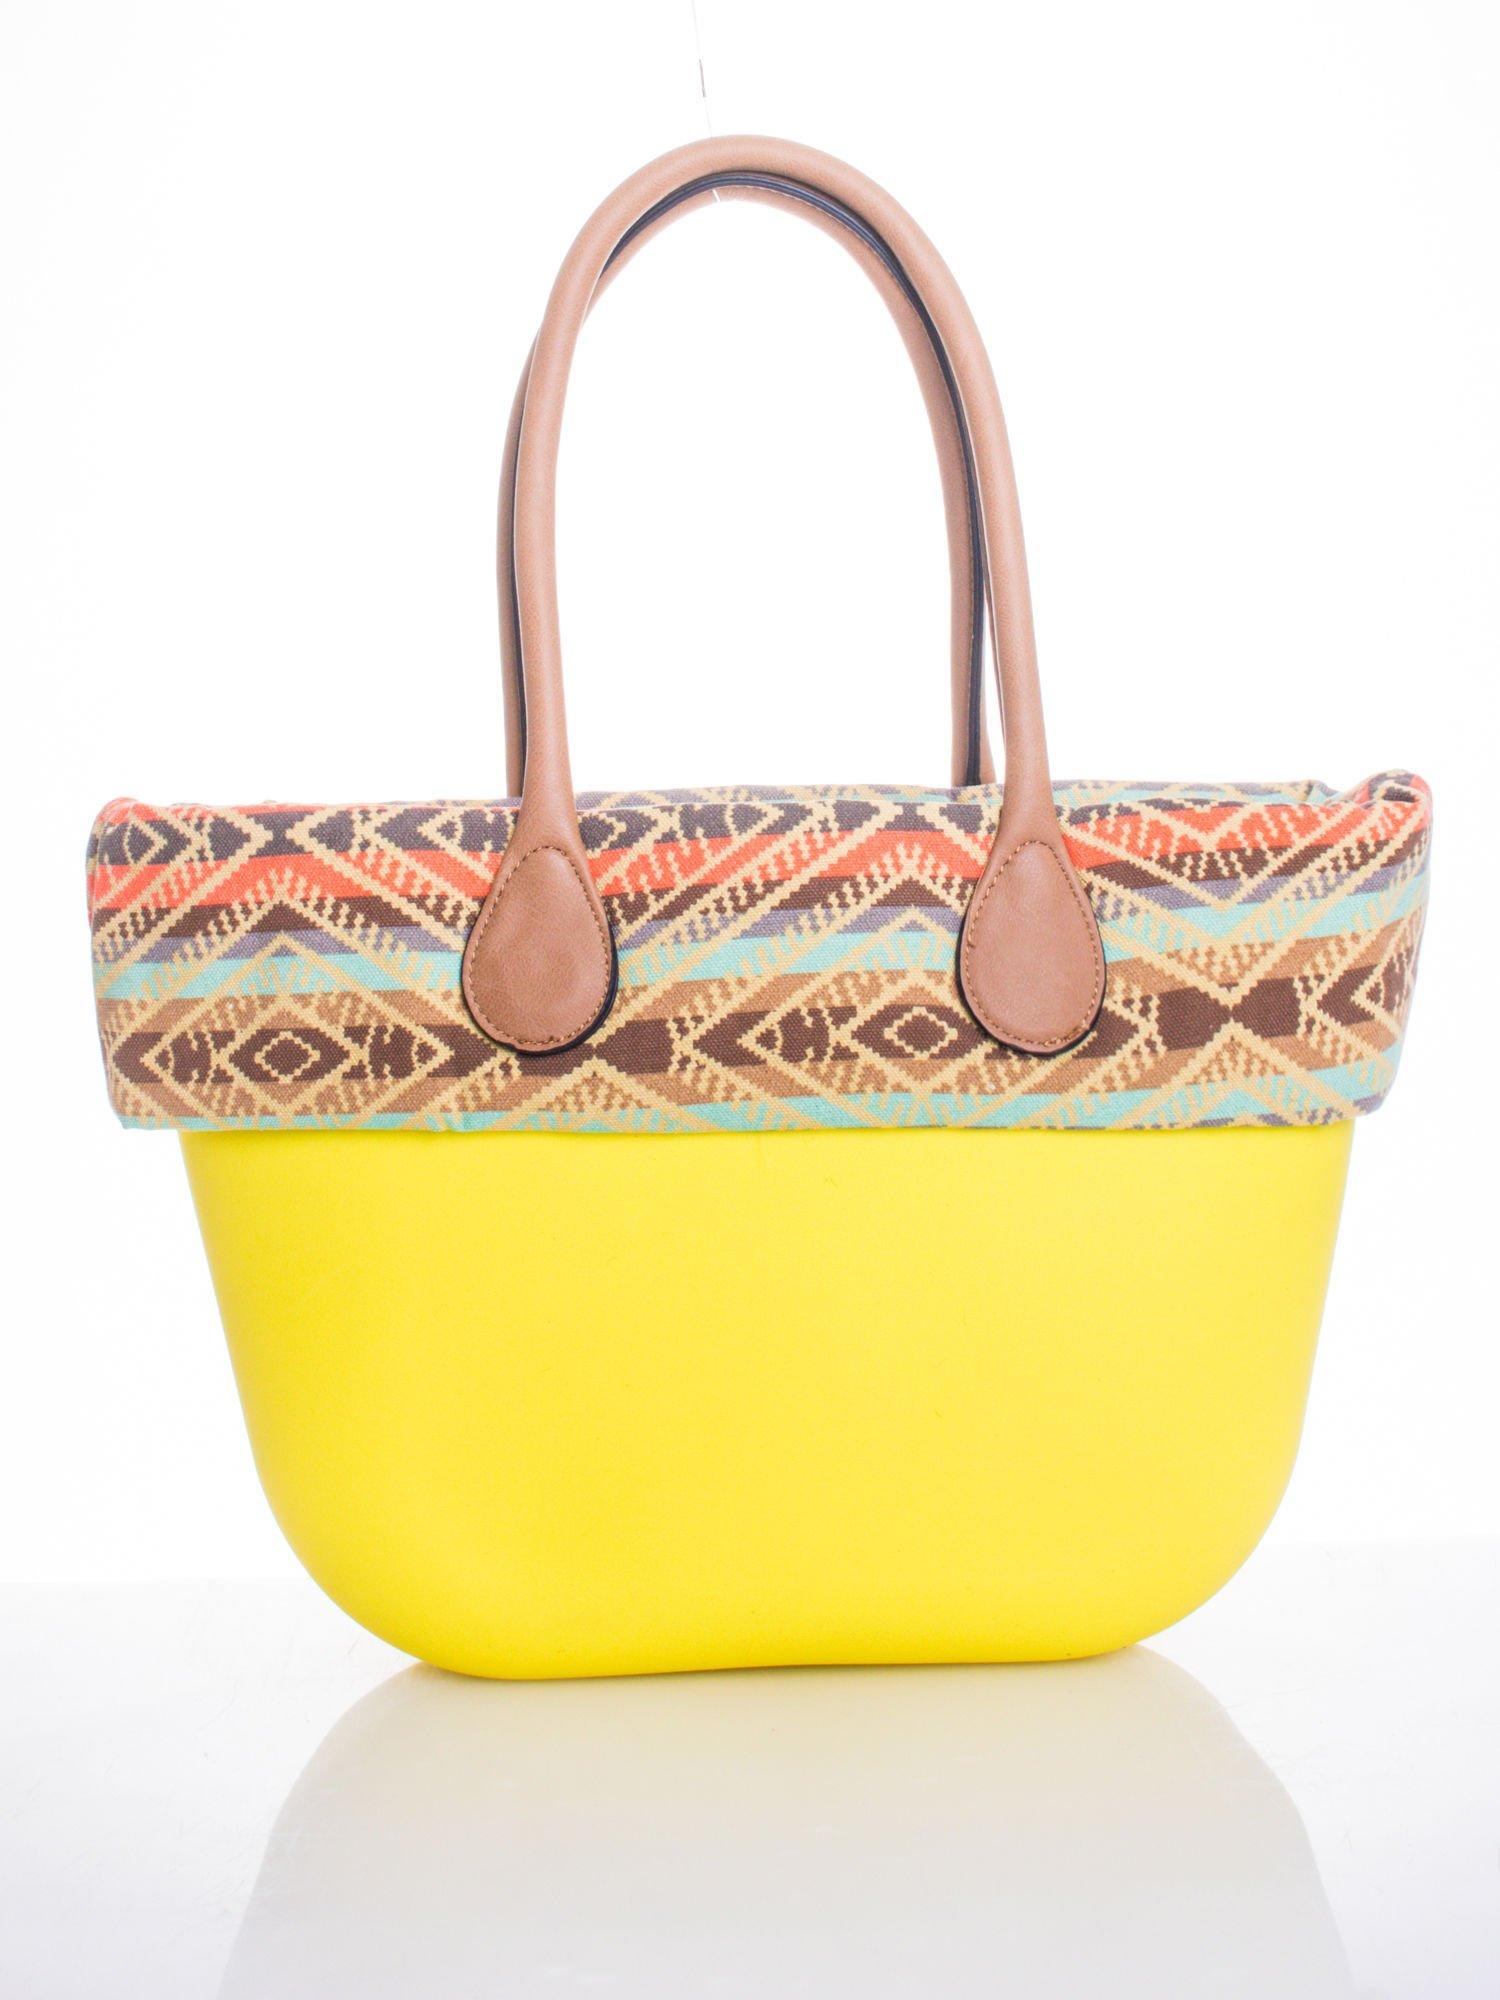 Żólta torba gumowa z motywem azteckim                                  zdj.                                  1